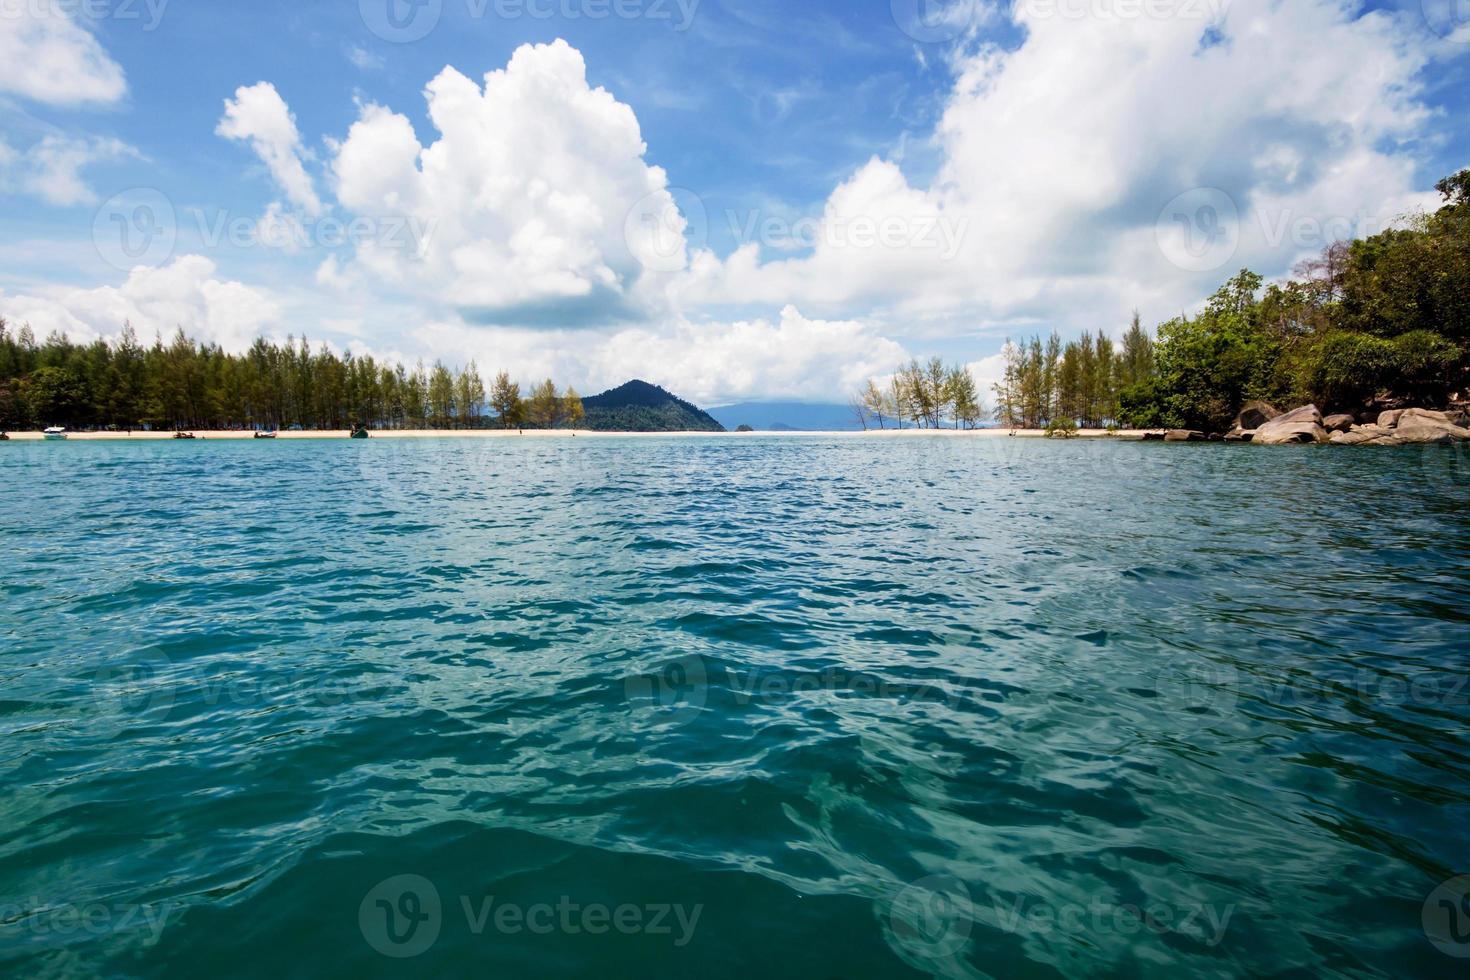 mar, playa, cielo azul, en, ranong, tailandia foto